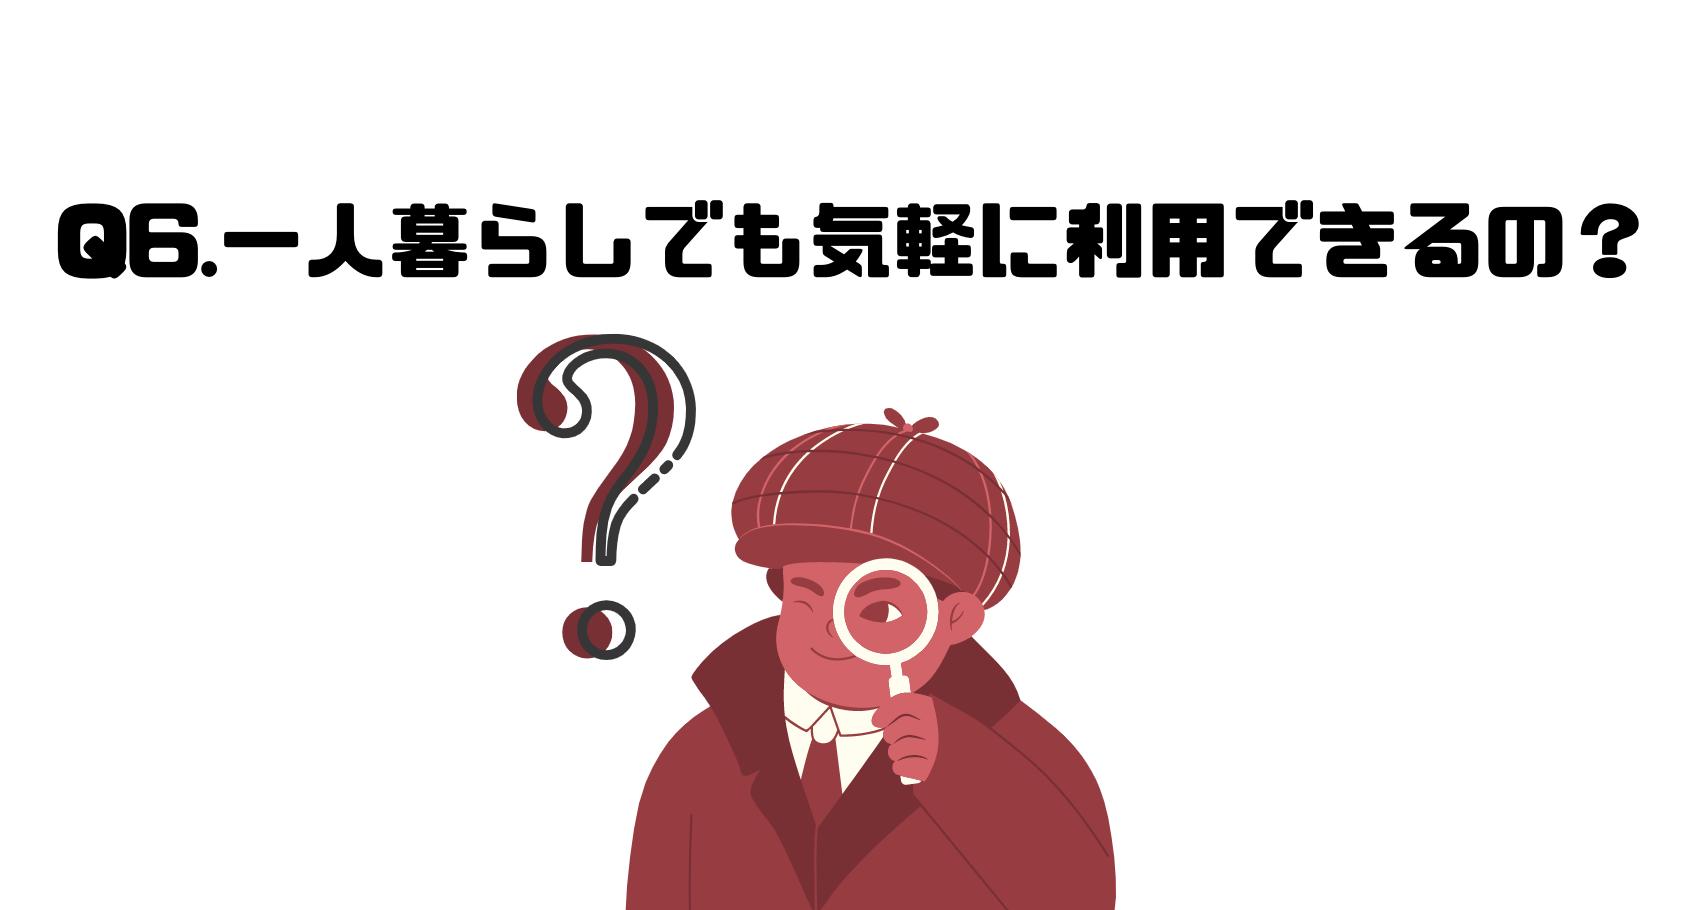 ビオマルシェ_評判_口コミ_よくある質問_一人暮らし